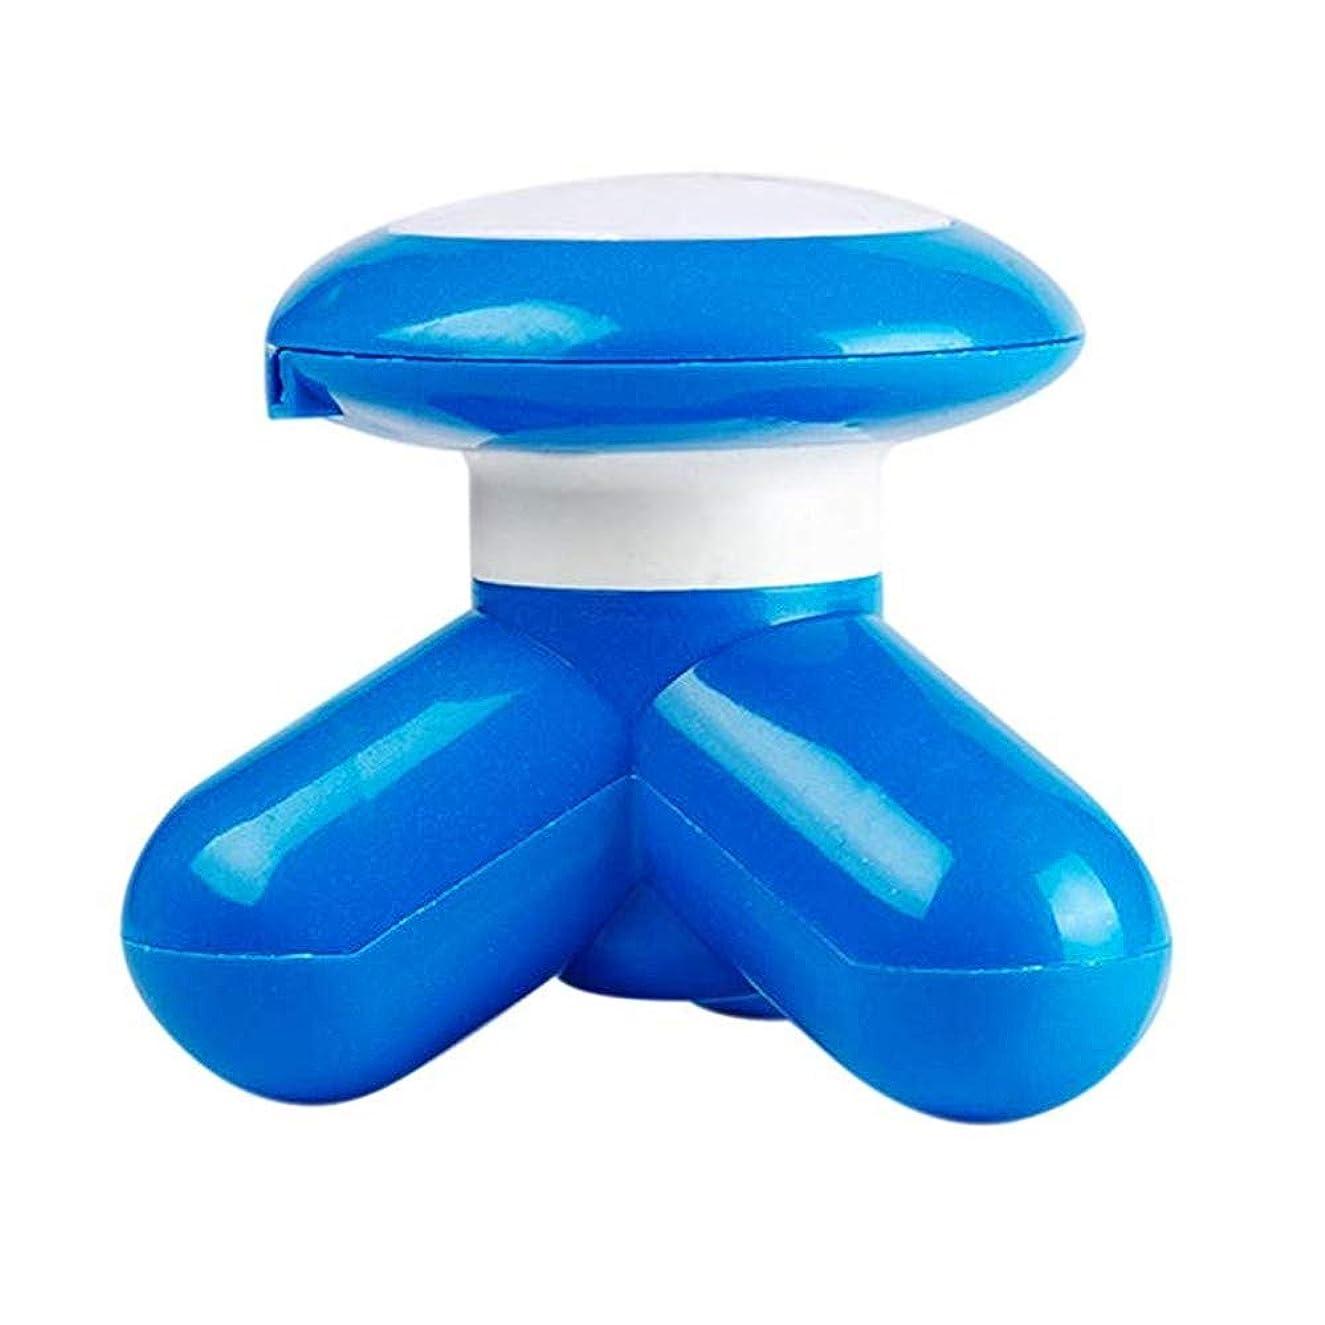 耐えられないやりすぎうがい薬マッサージャー3脚ブラケット小さなミニUSB充電式ポータブルデザイン手持ち型多機能深部組織筋肉の疲労を和らげる肩の後ろの首